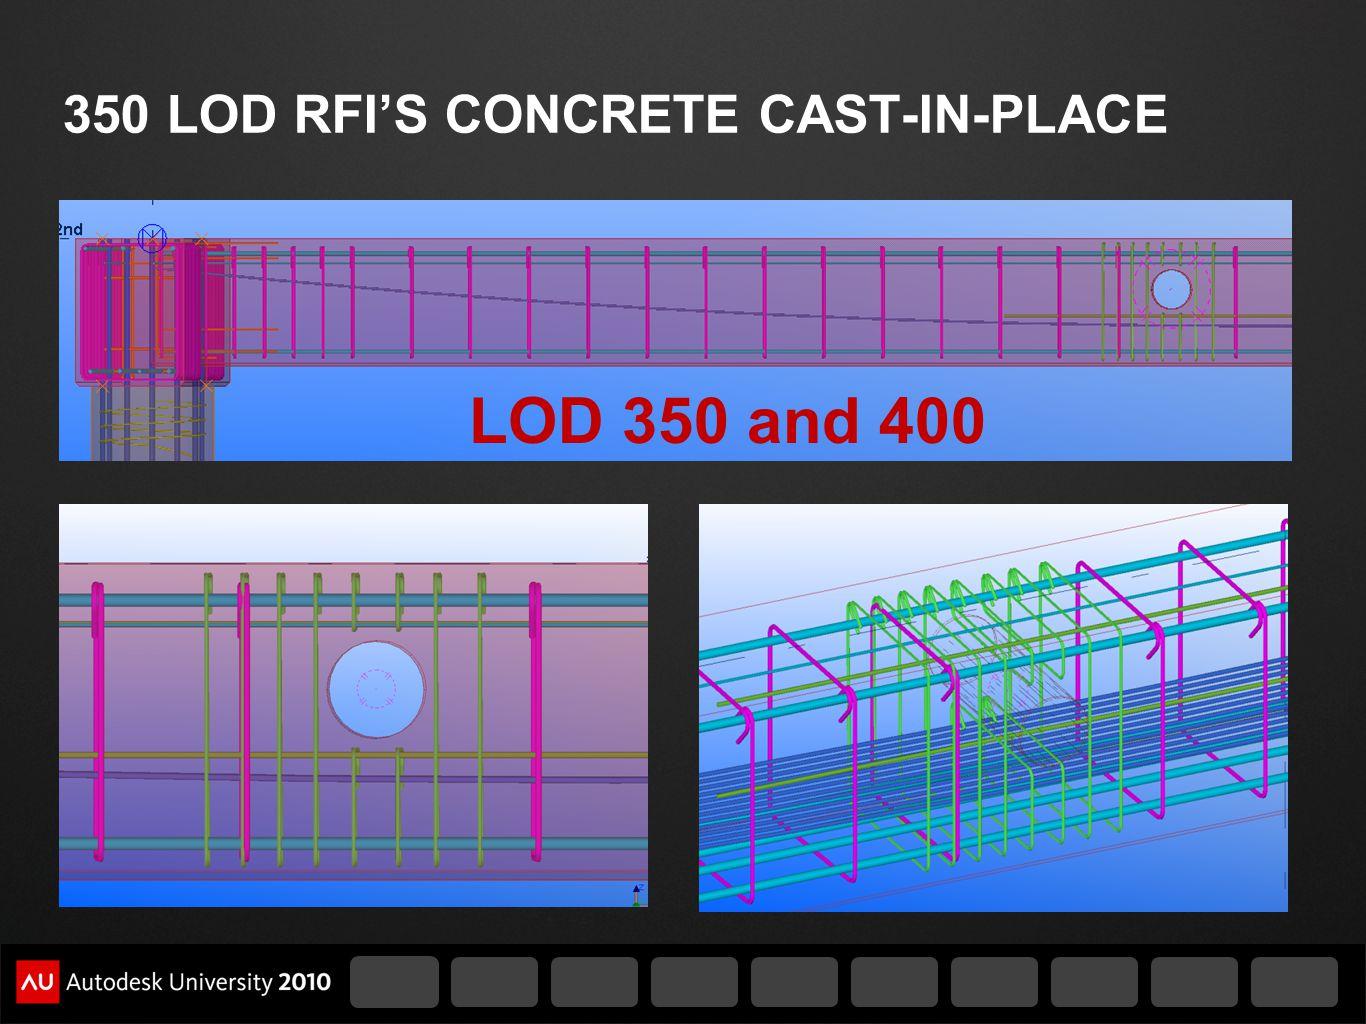 350 LOD RFI'S CONCRETE CAST-IN-PLACE